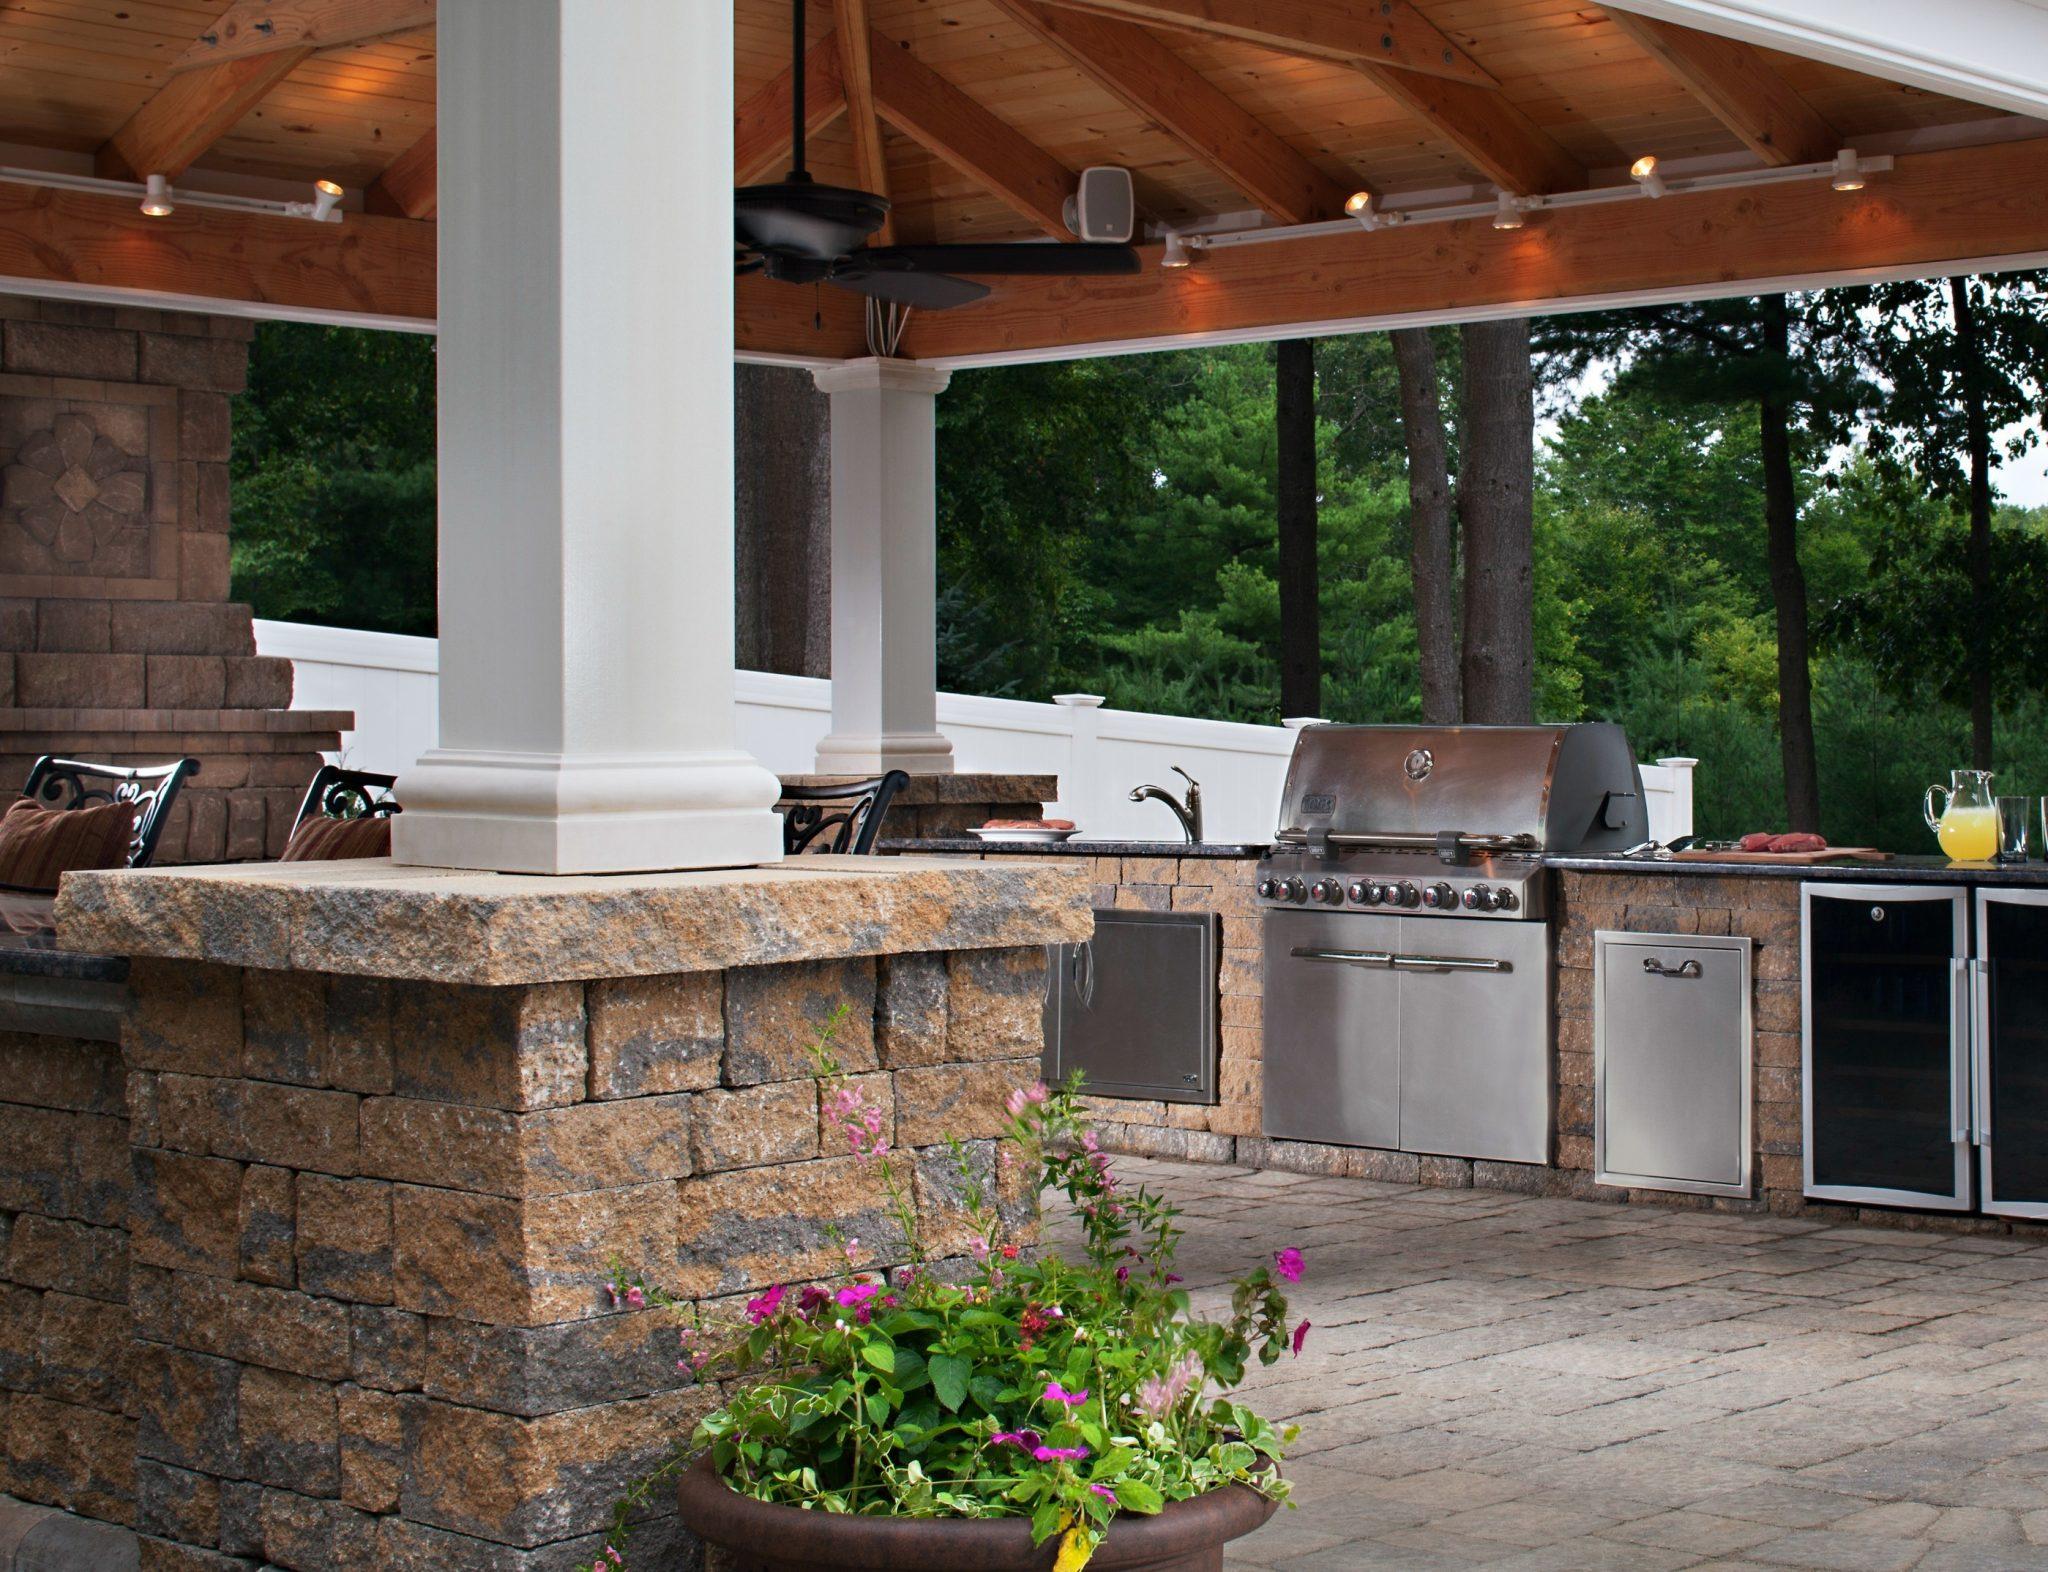 outdoor kitchen trends outdoor kitchen ideas outdoor kitchen trends patio cover